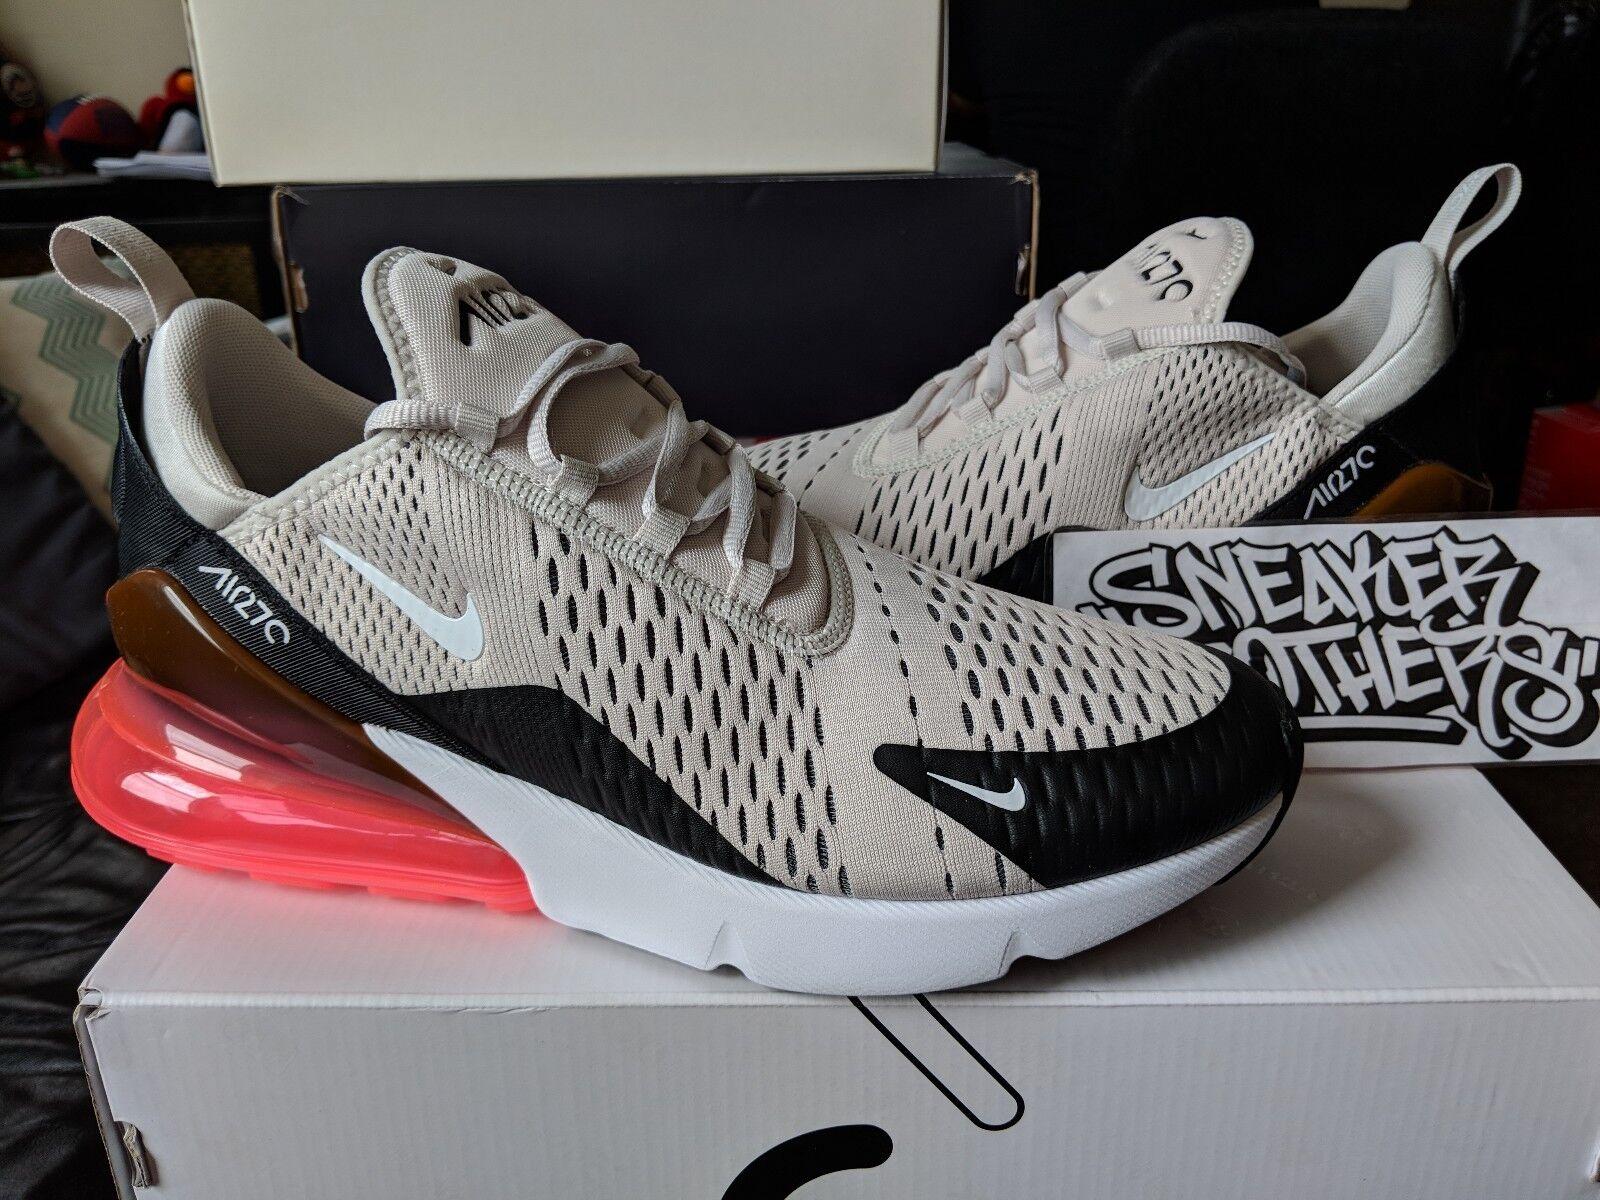 Coup de poing chaud pour Nike Air Max 270, os noir, blanc, beige foncé, brun AH8050-003